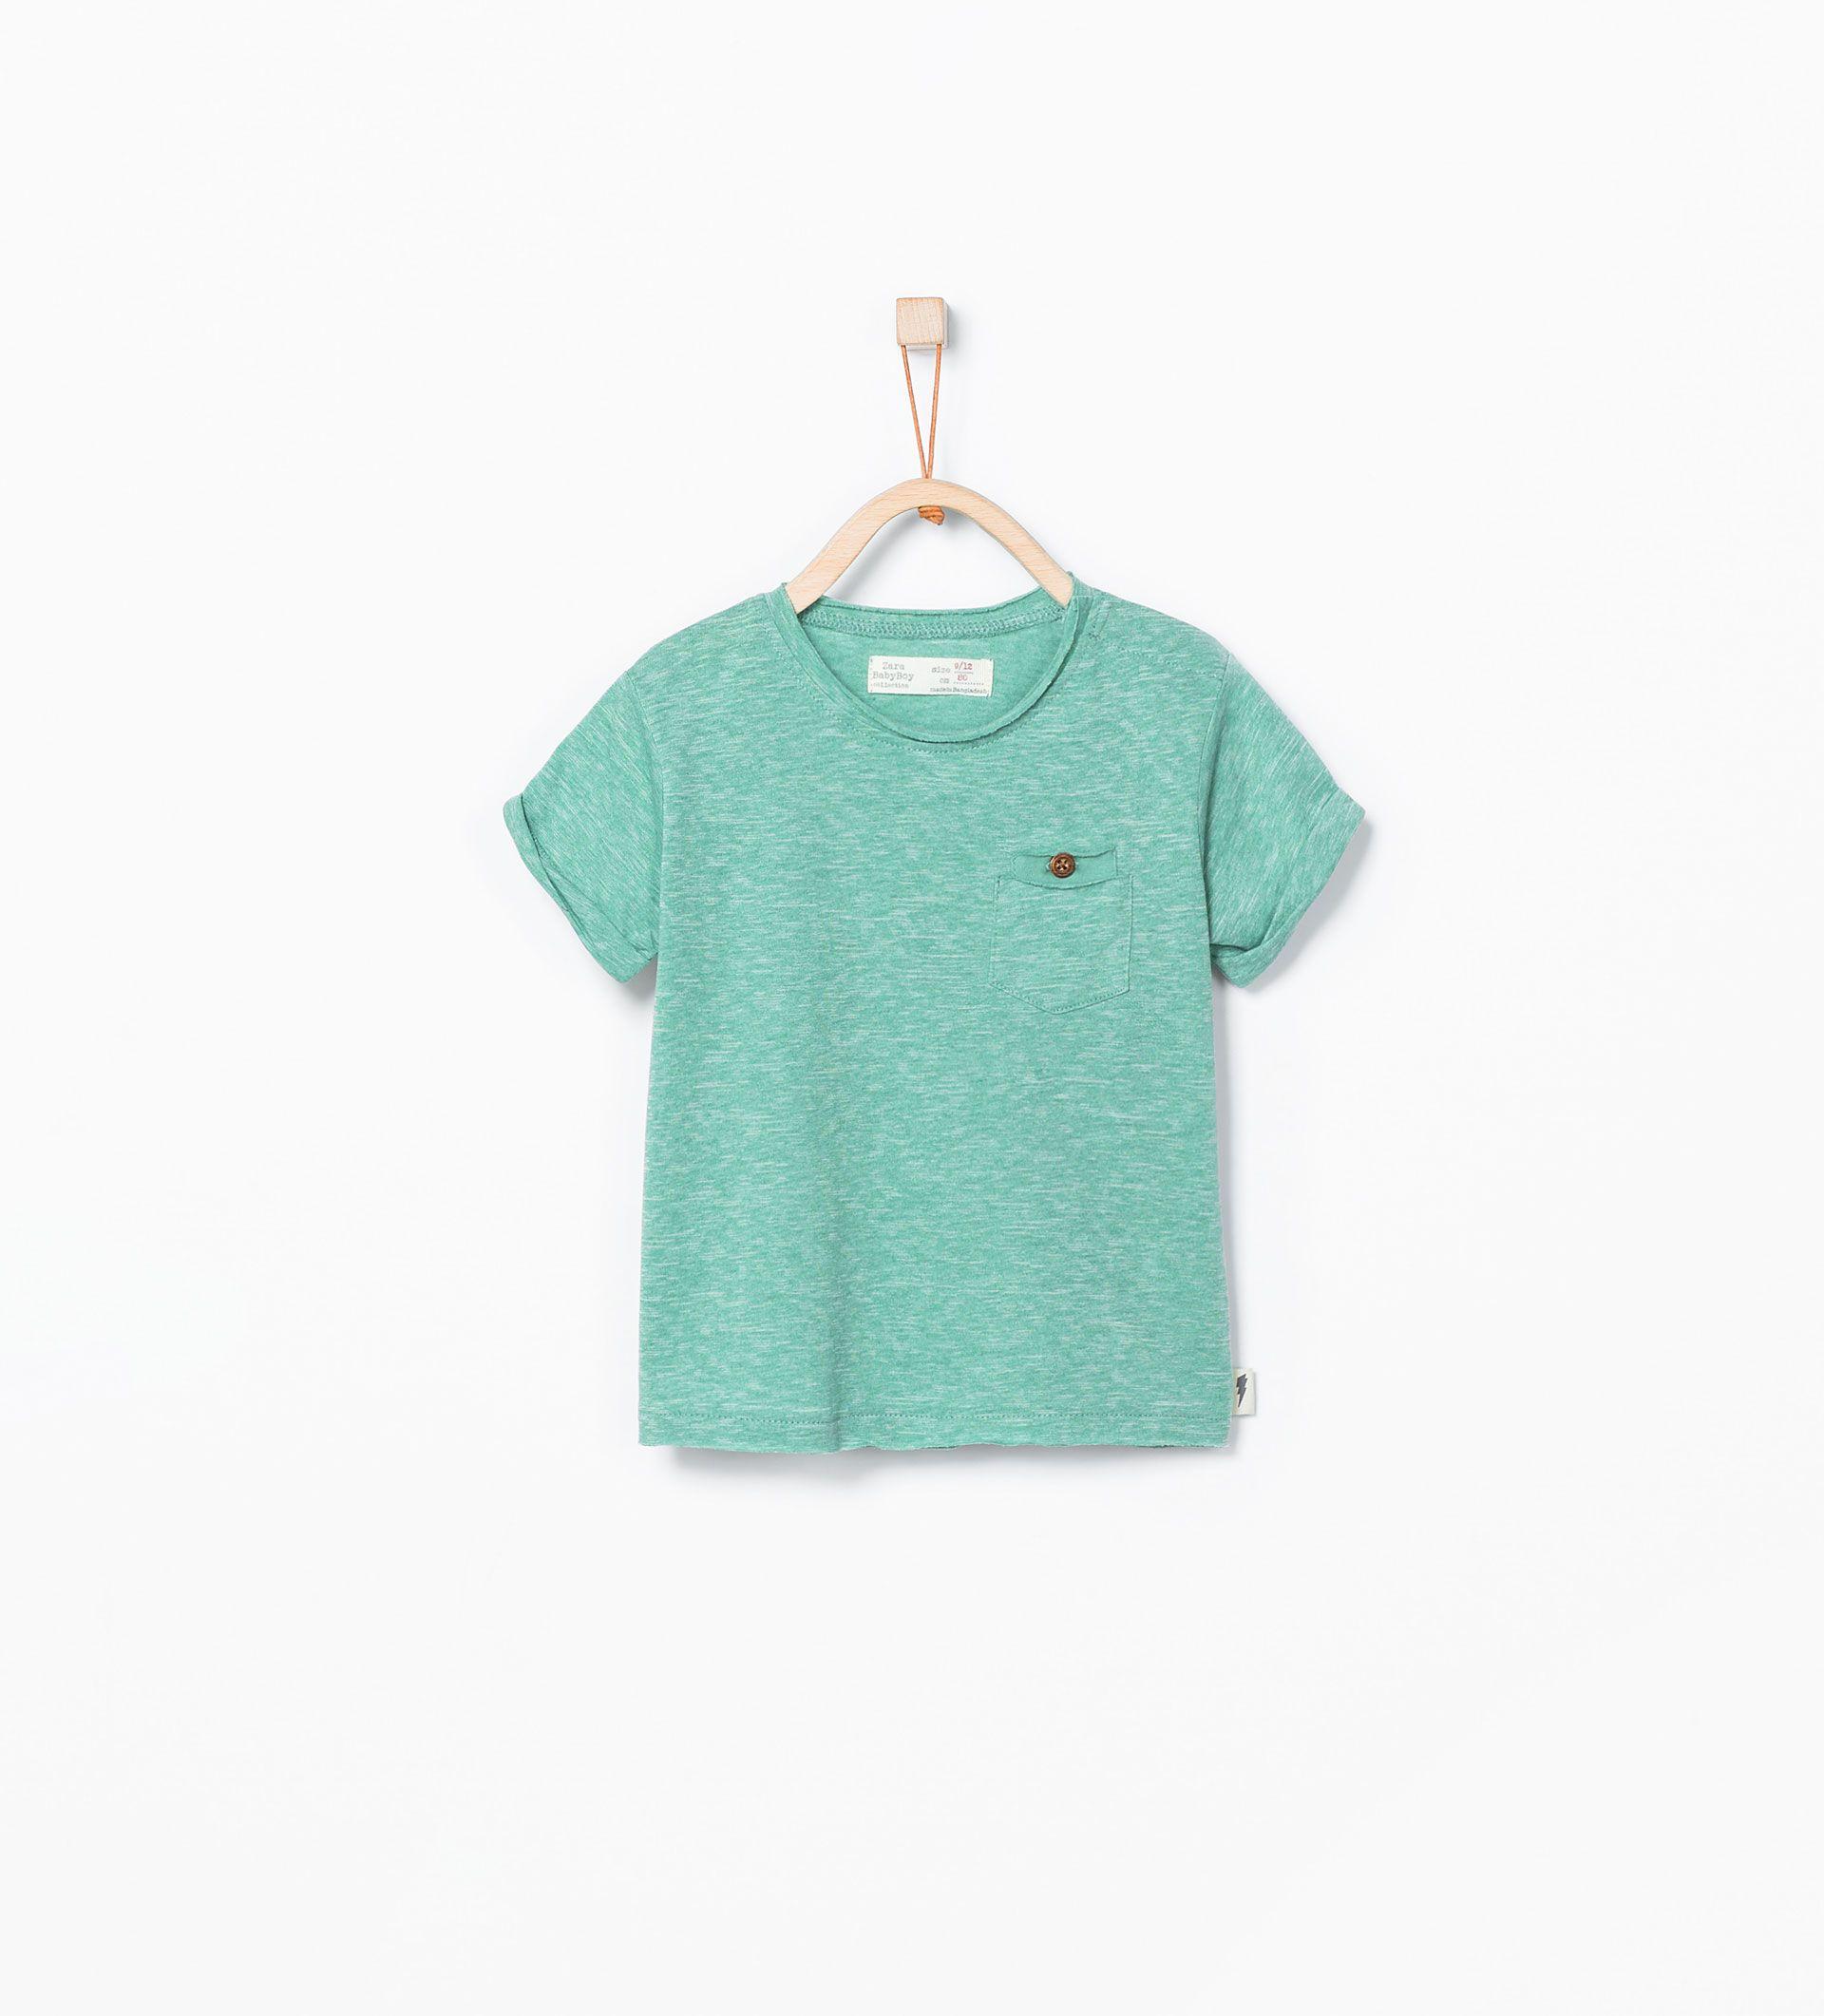 T Shirt mit doppelter Brusttasche und Zierknopf T